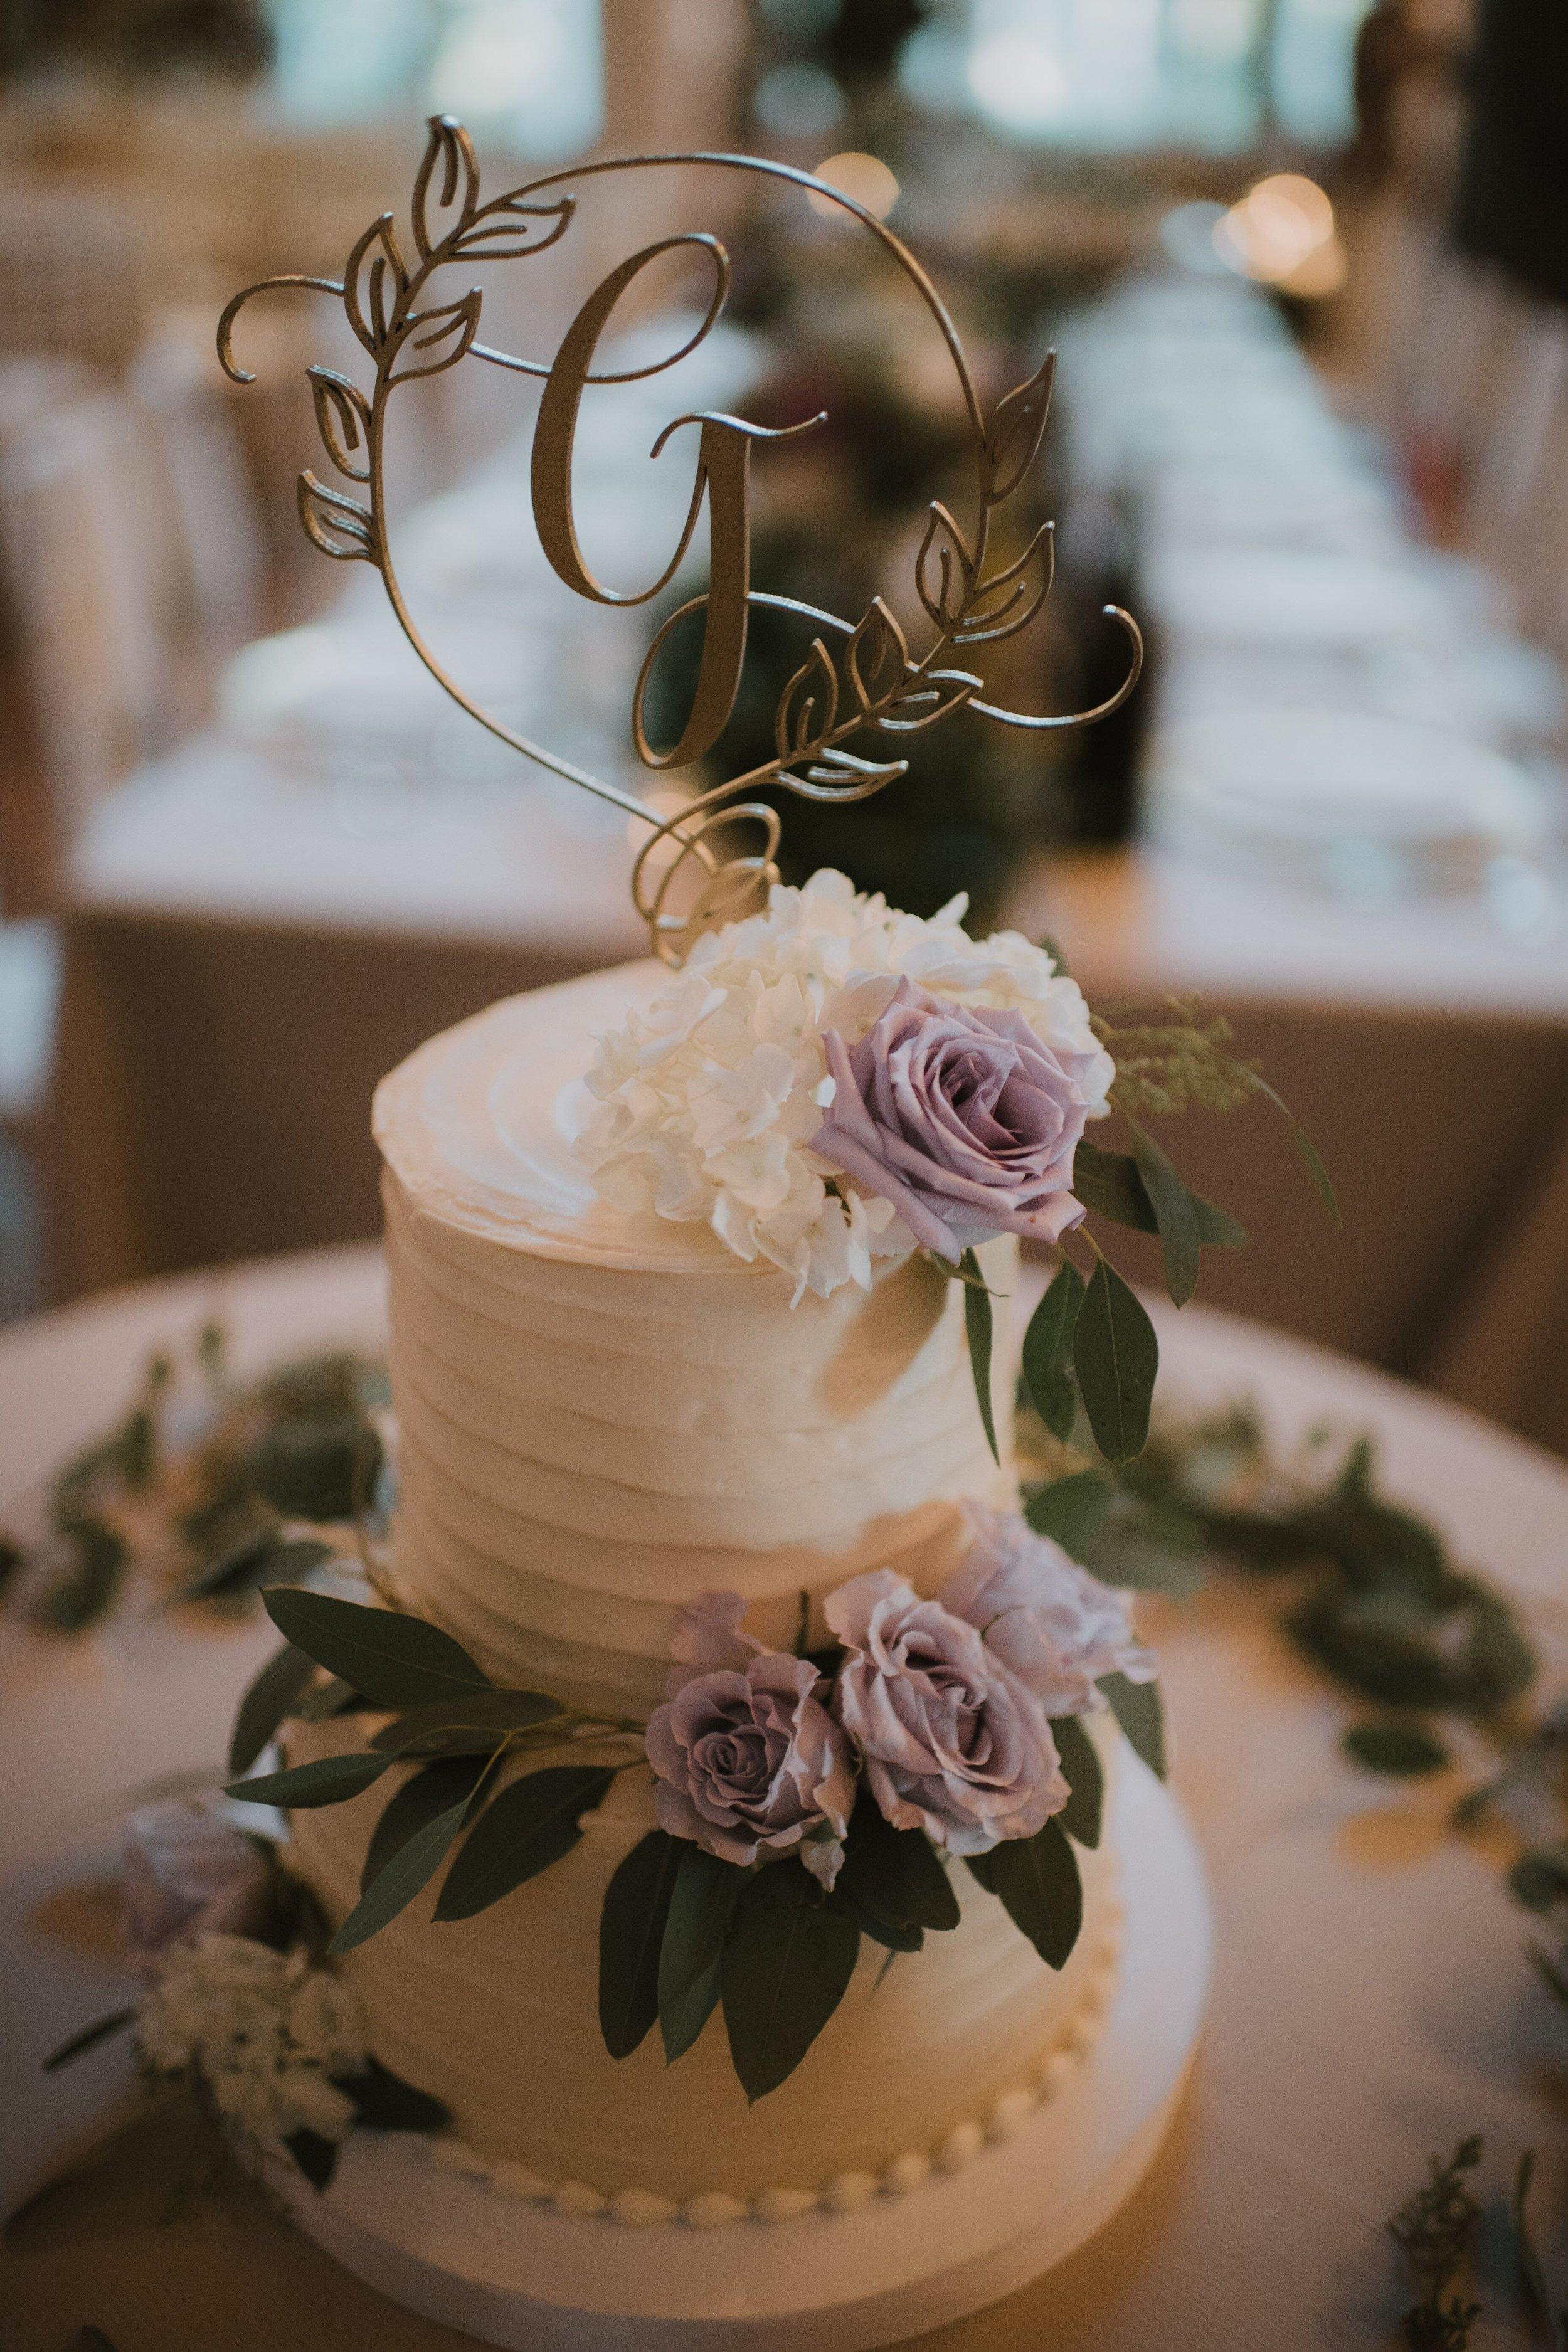 cake%201_preview.jpeg.jpg